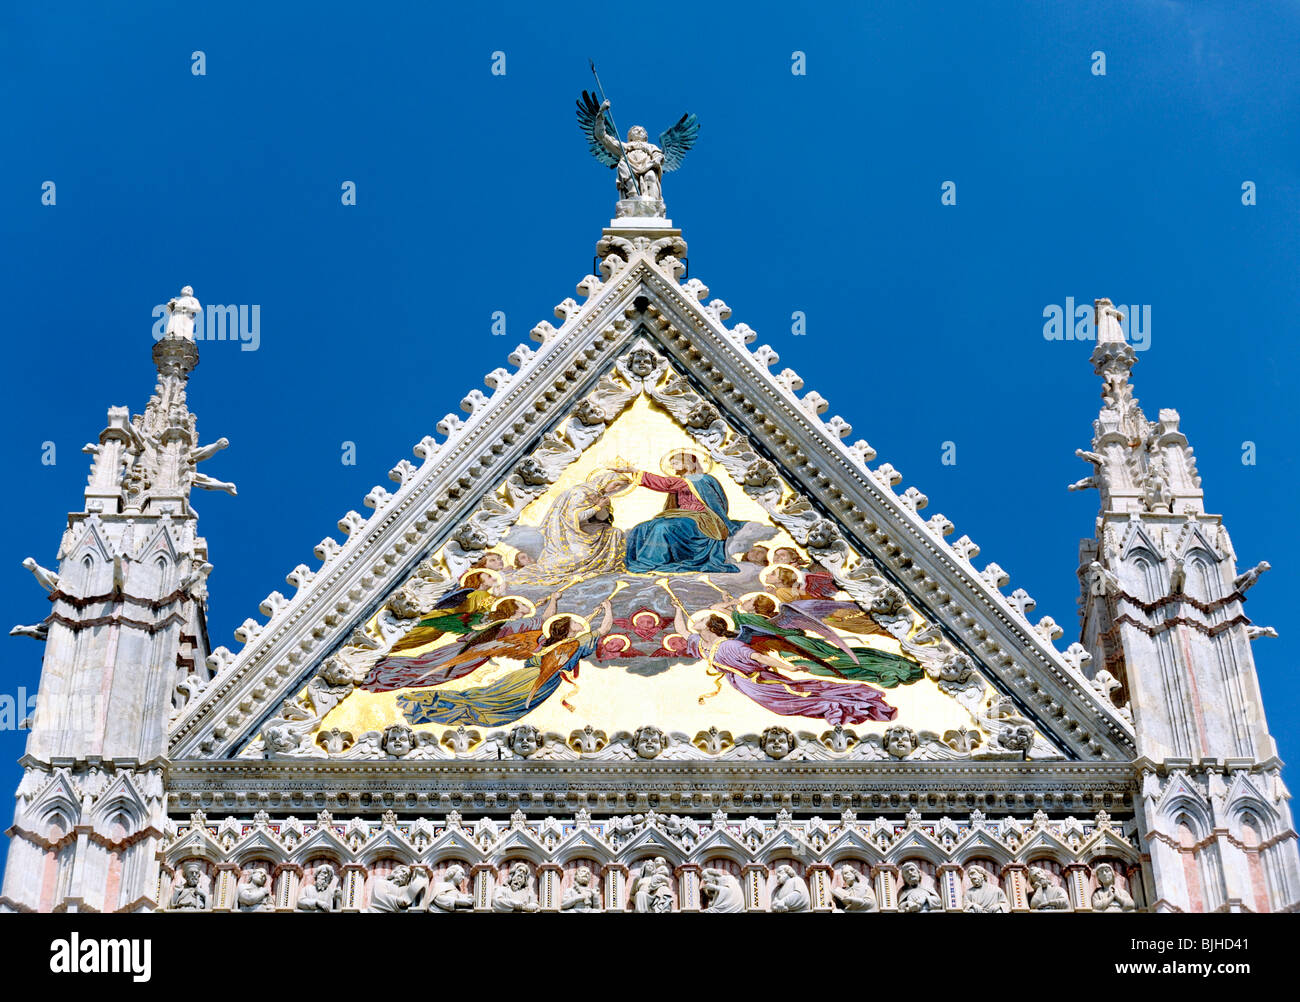 Tympan sur la façade principale de la Cathédrale de Sienne, Toscane, Italie Photo Stock